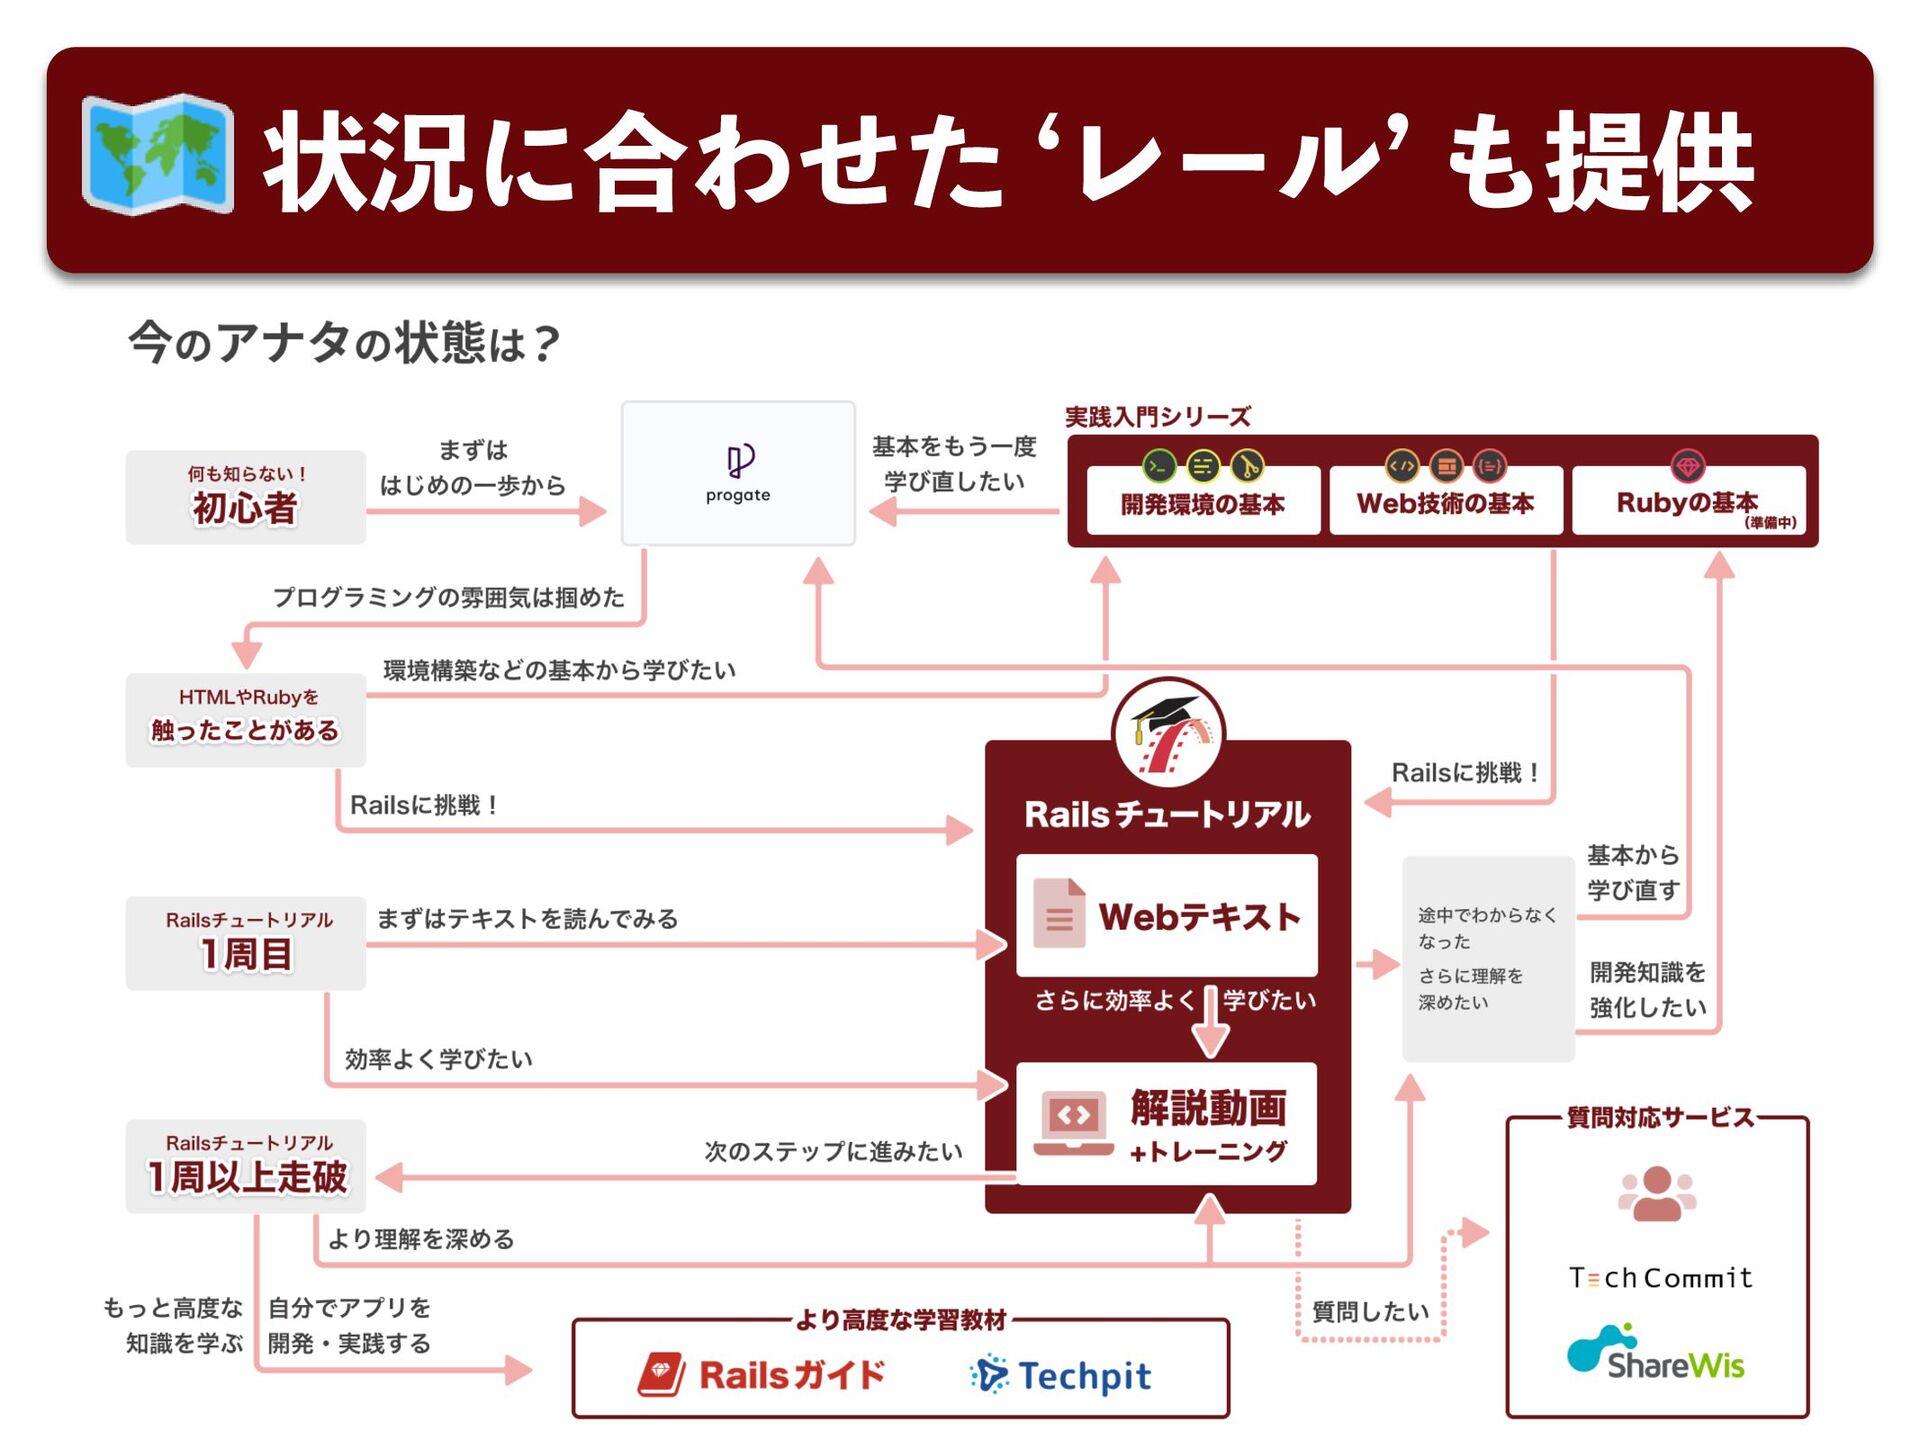 Ͱ͖ͨͷ: https://railstutorial.jp/